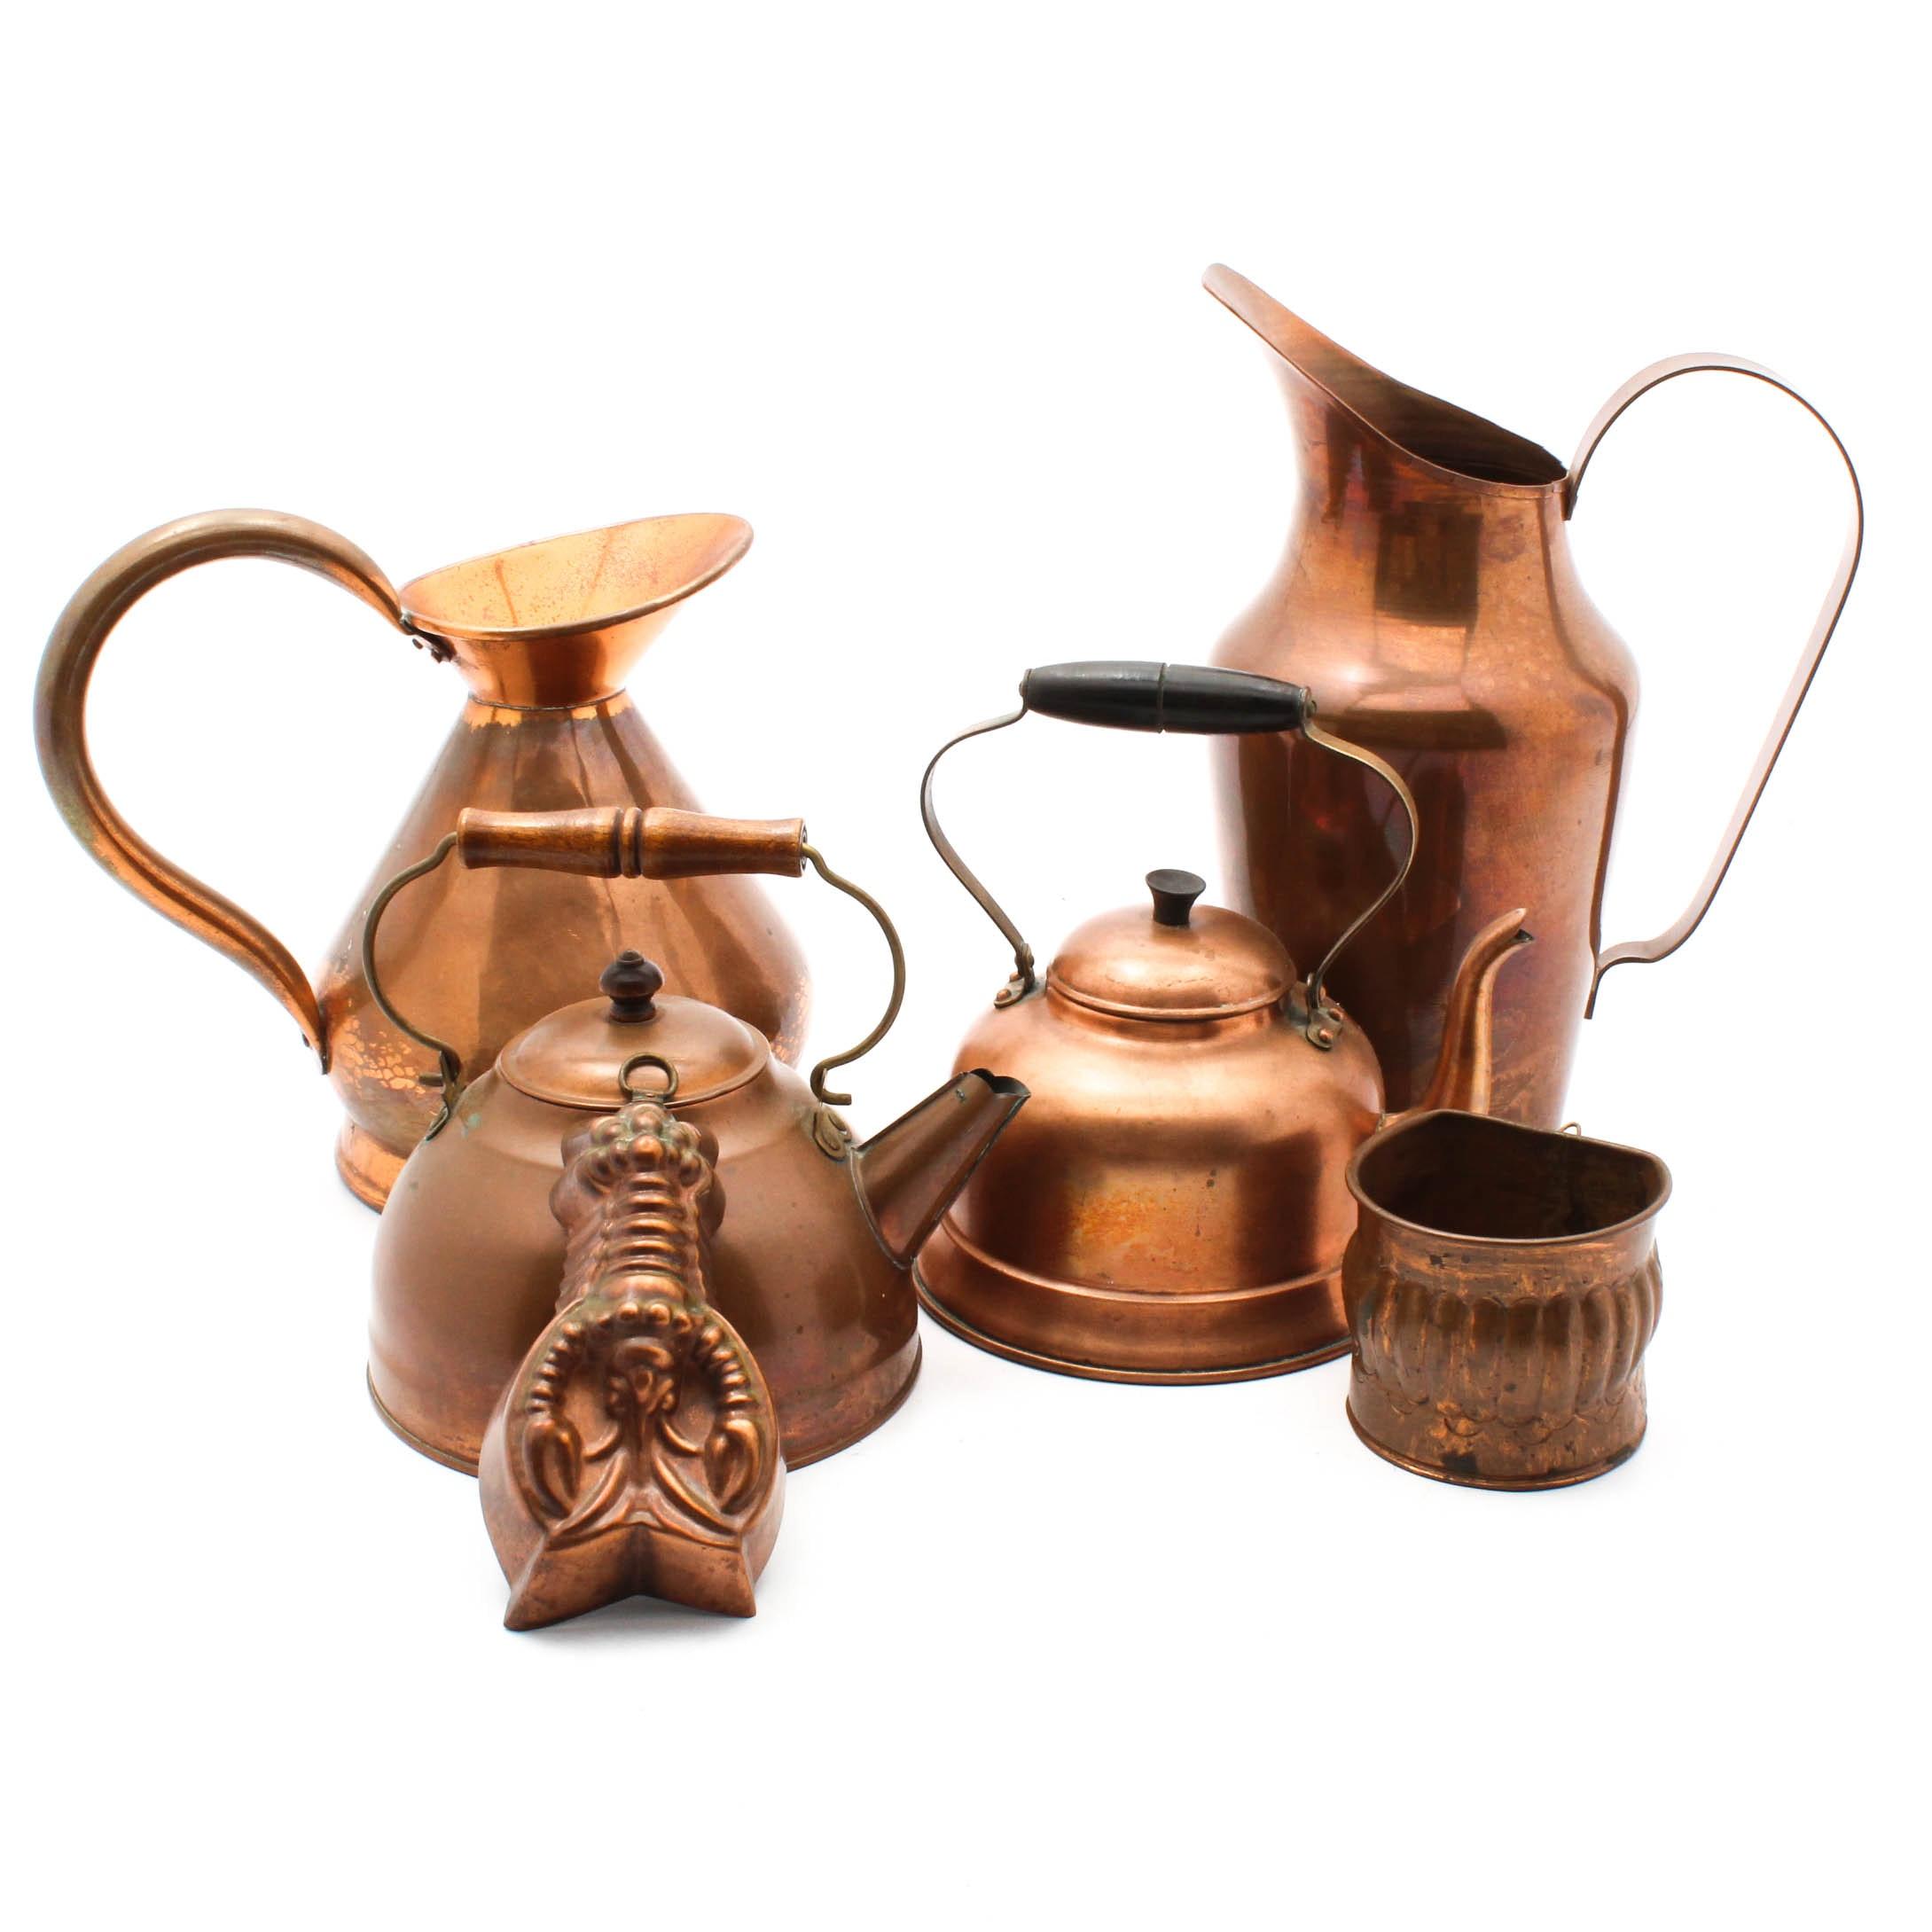 Vintage Copper Tableware